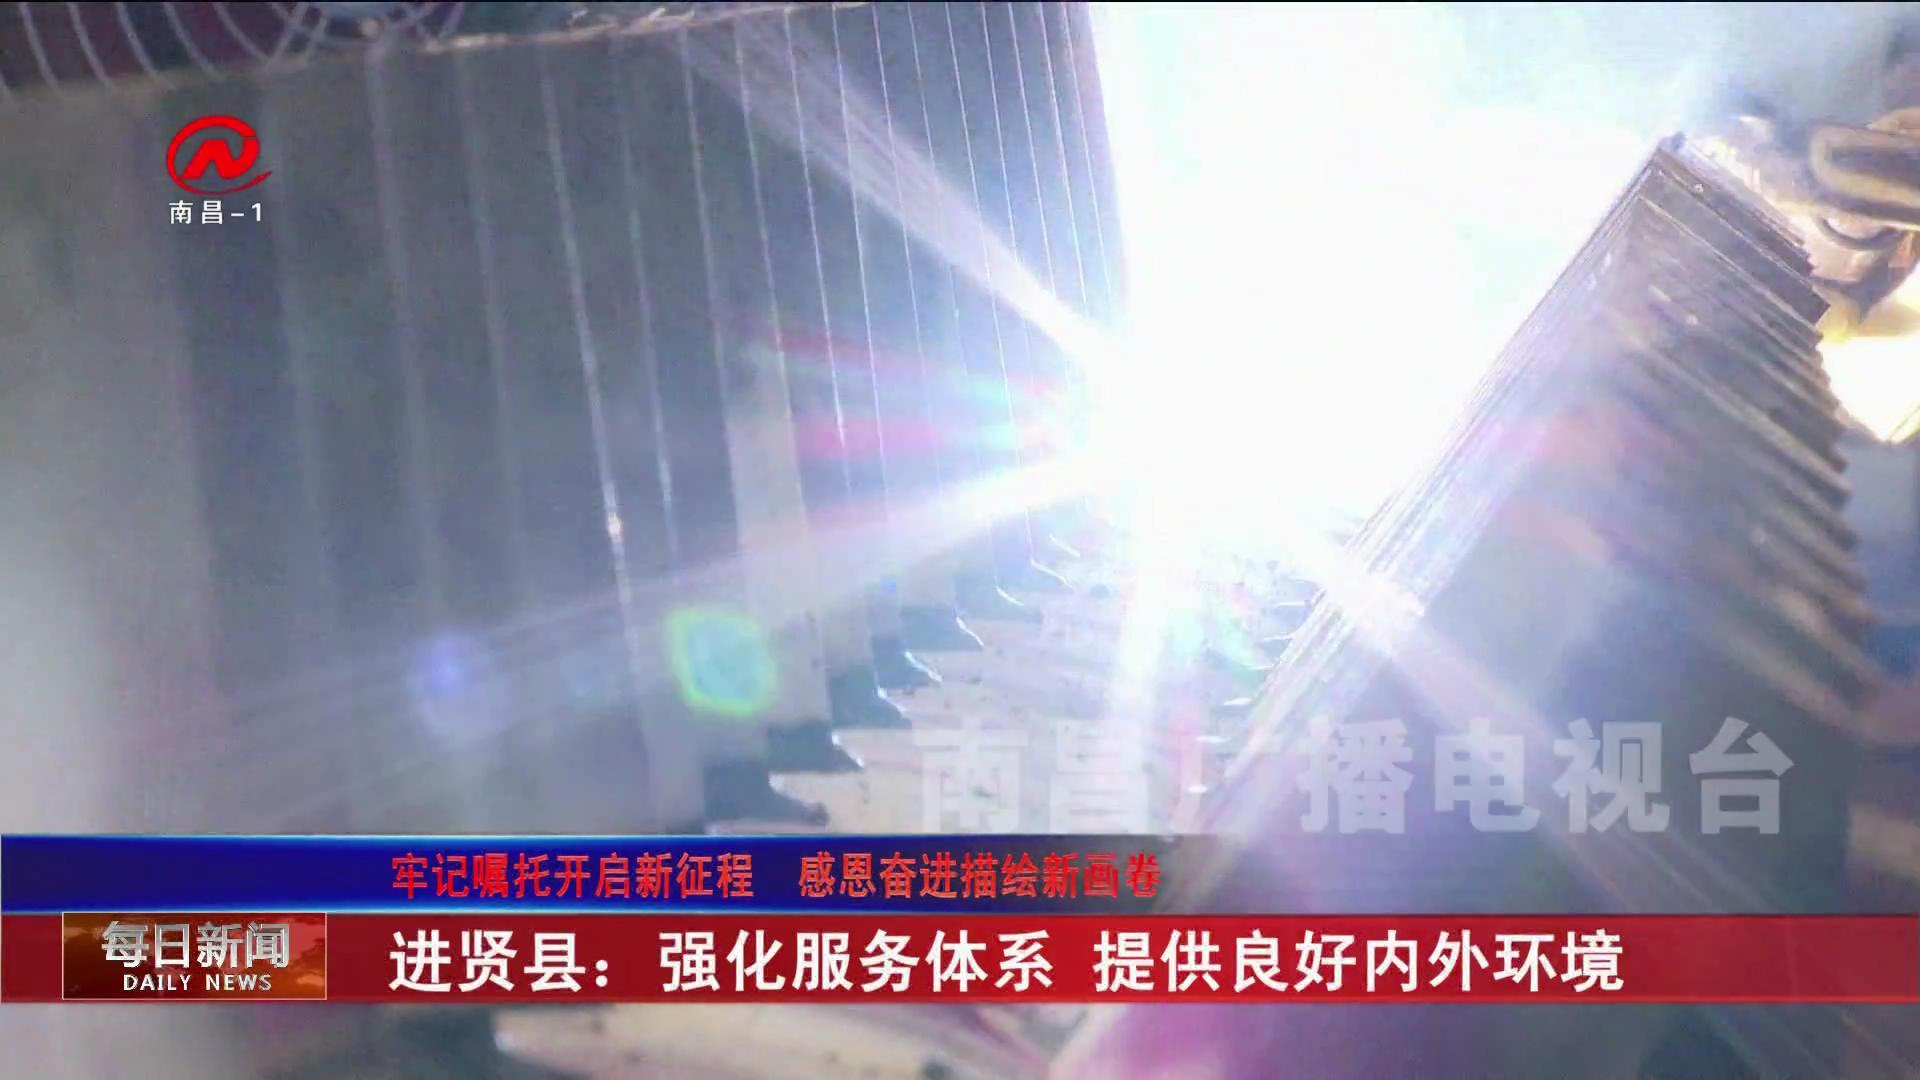 进贤县:强化服务体系 提供良好内外环境